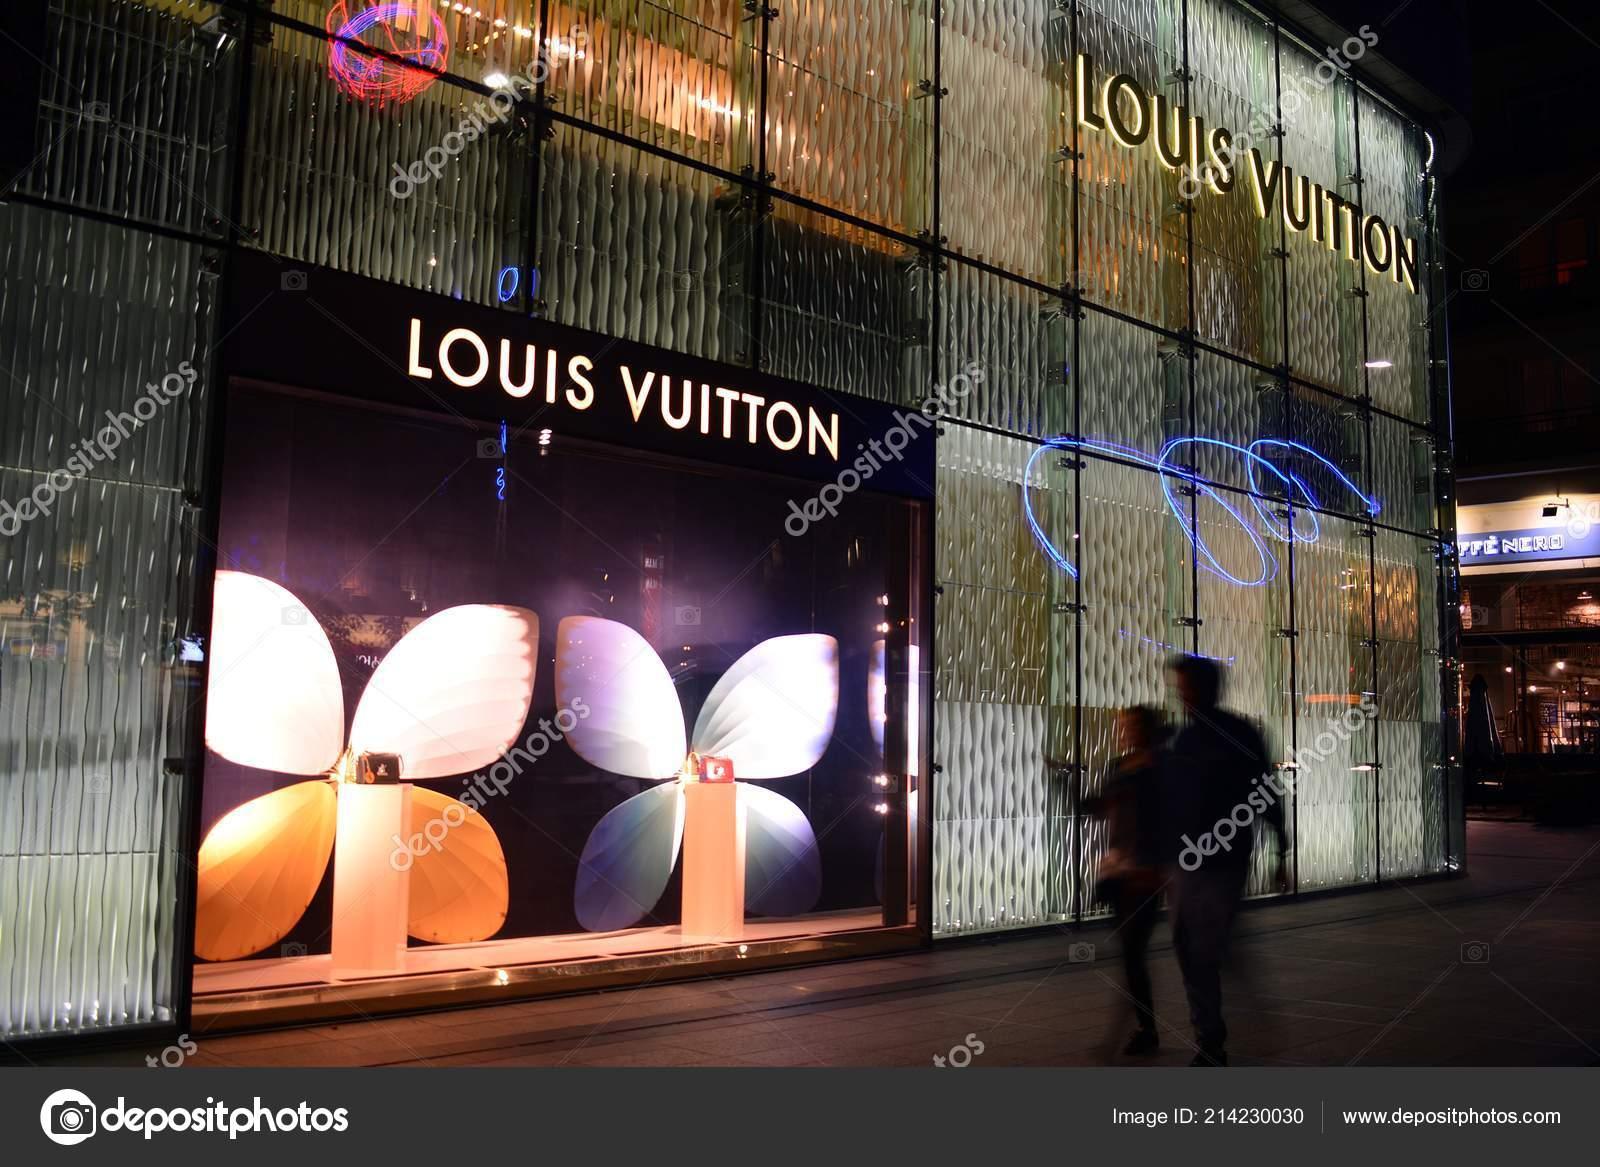 6d207553fc7b Варшава Польша Сентября 2018 Года Знак Louis Vuitton Вывеска Компании–  Стоковая редакционная фотография